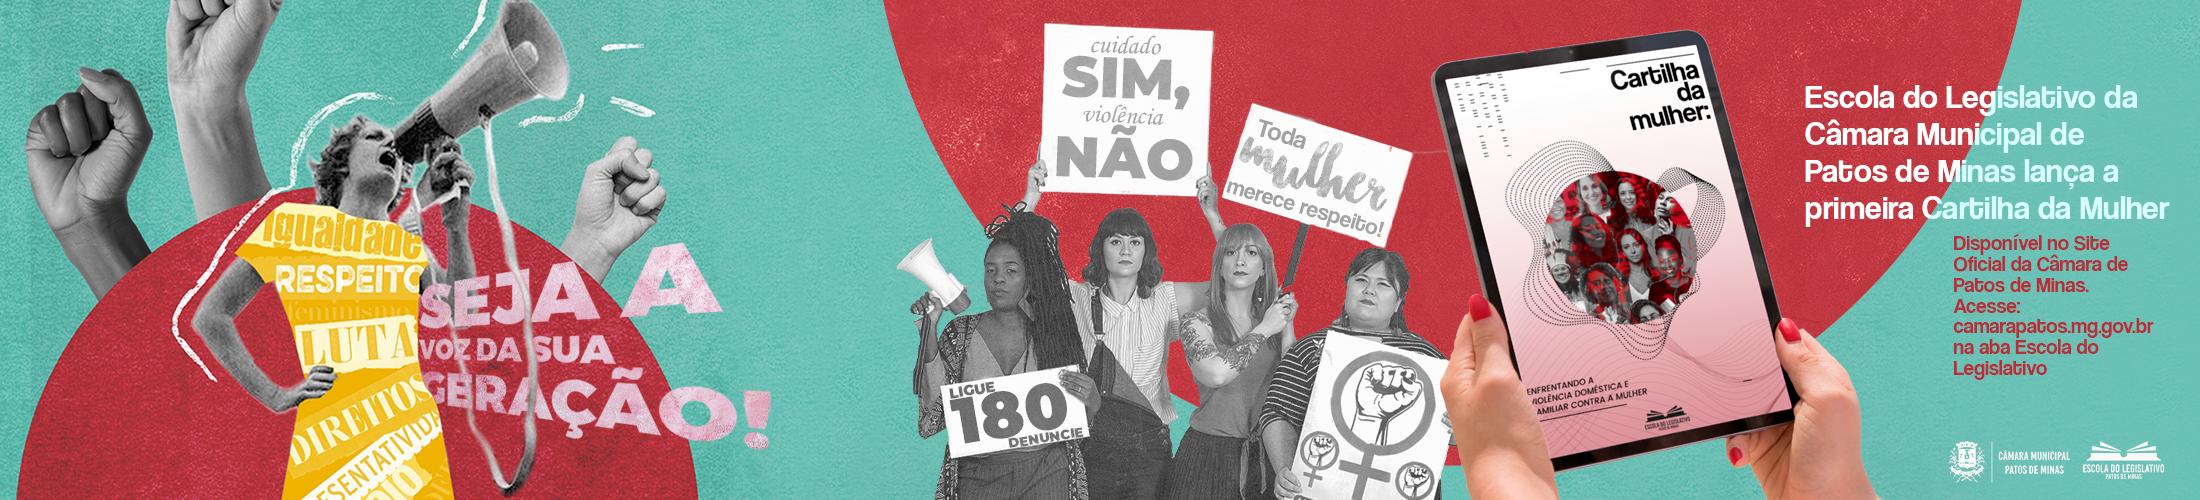 banner_site_cartilha_mulher